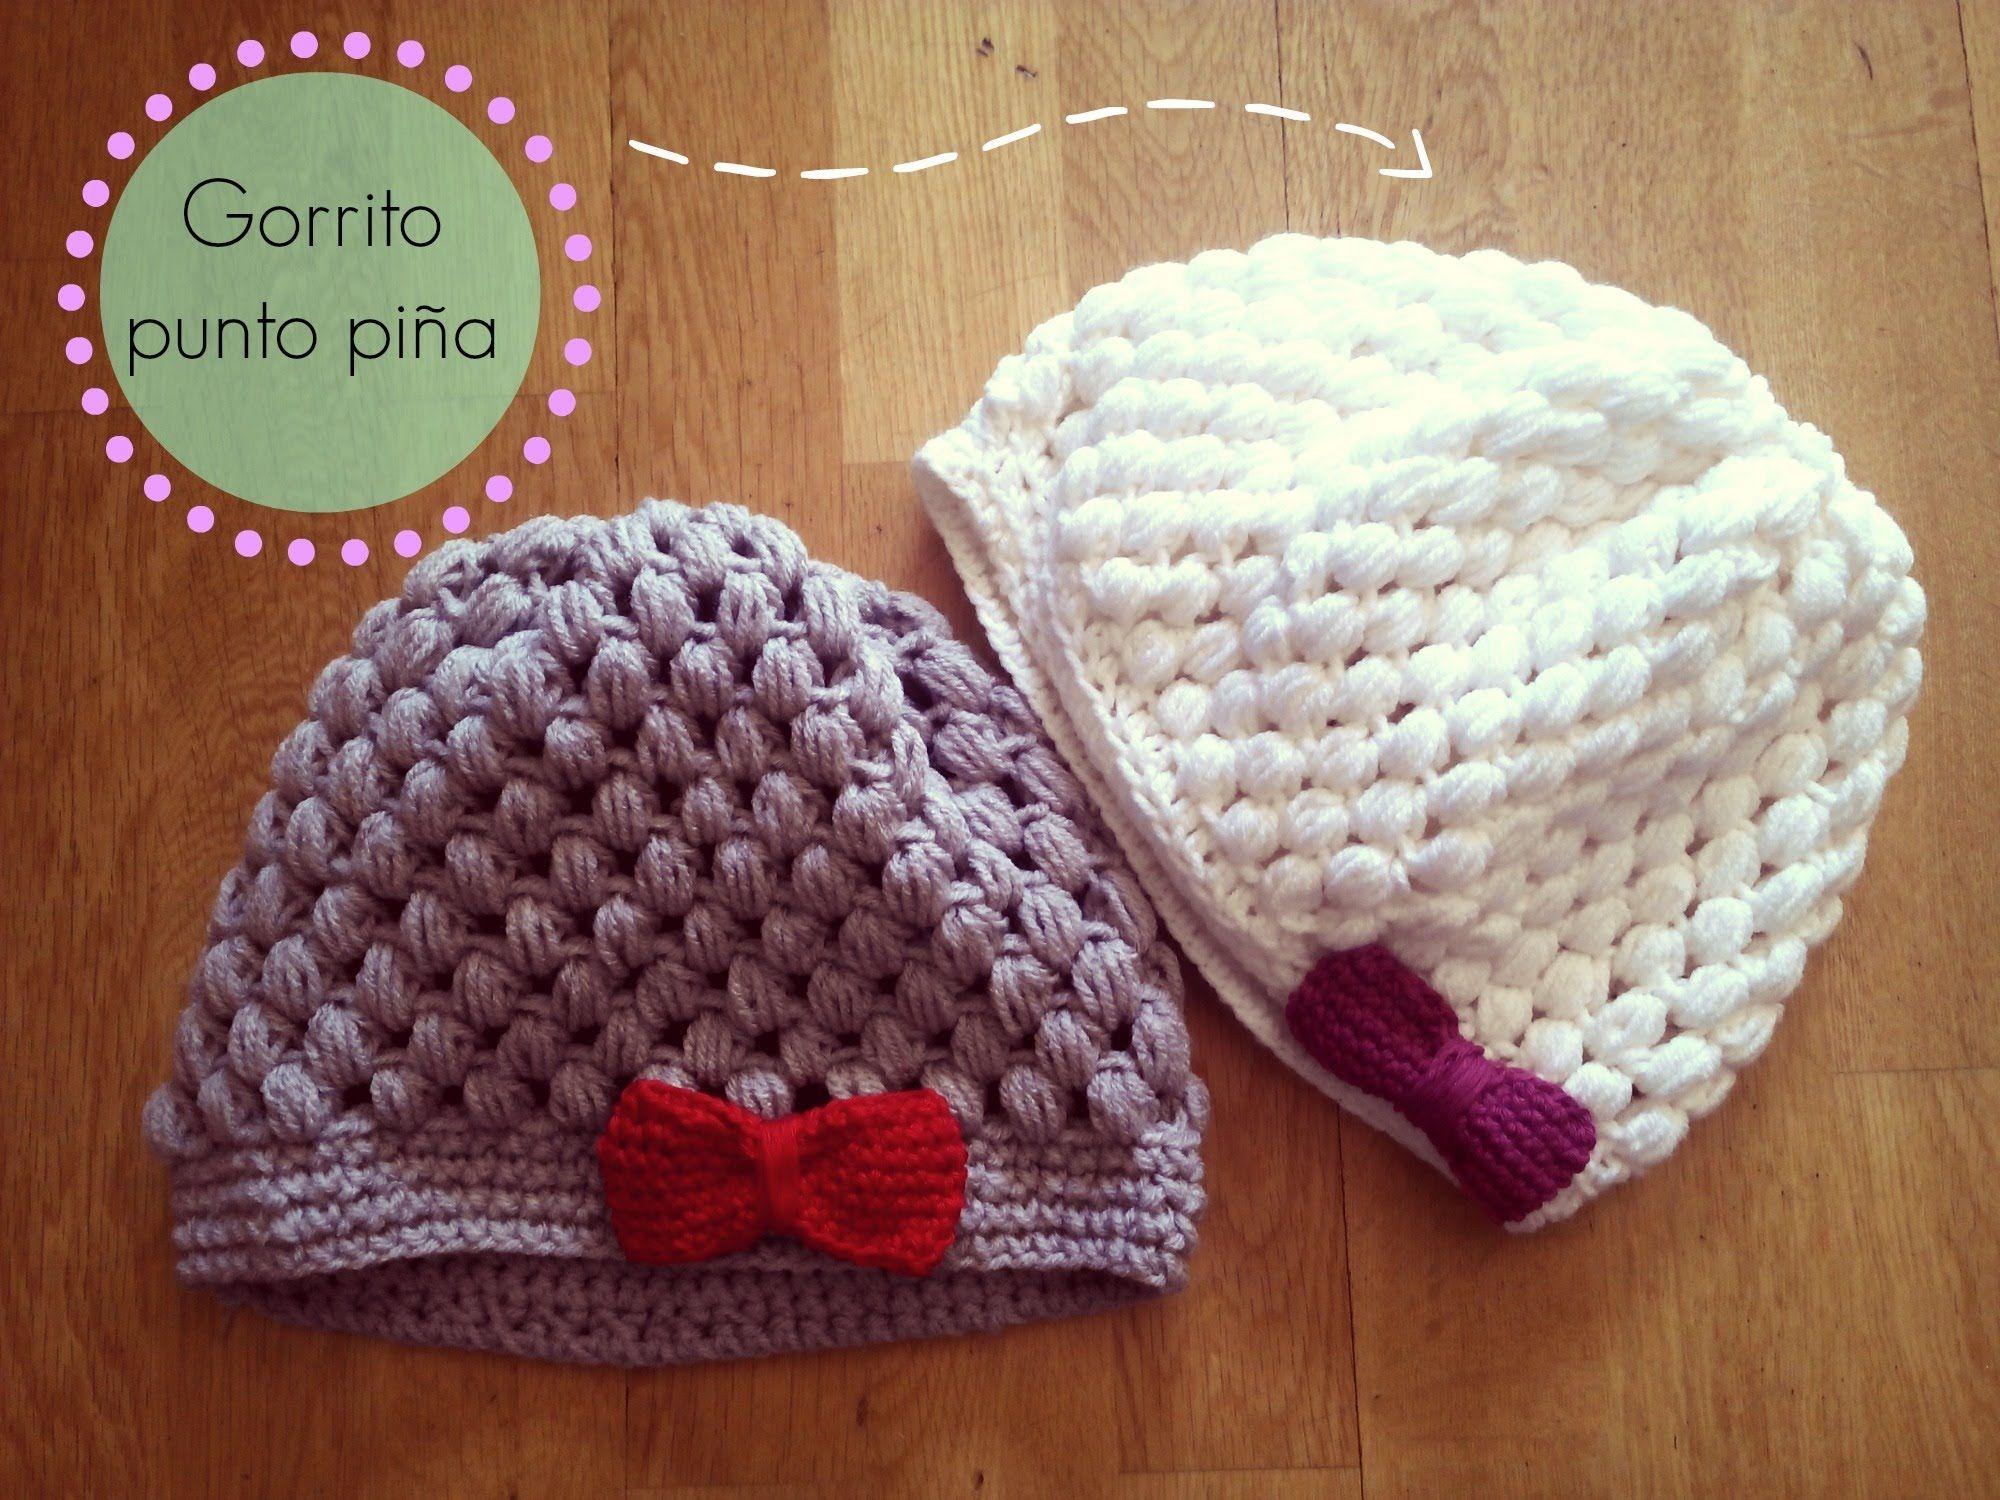 Gorro de ganchillo f cil punto pi a crochet hat puff - Lana gorda para mantas ...